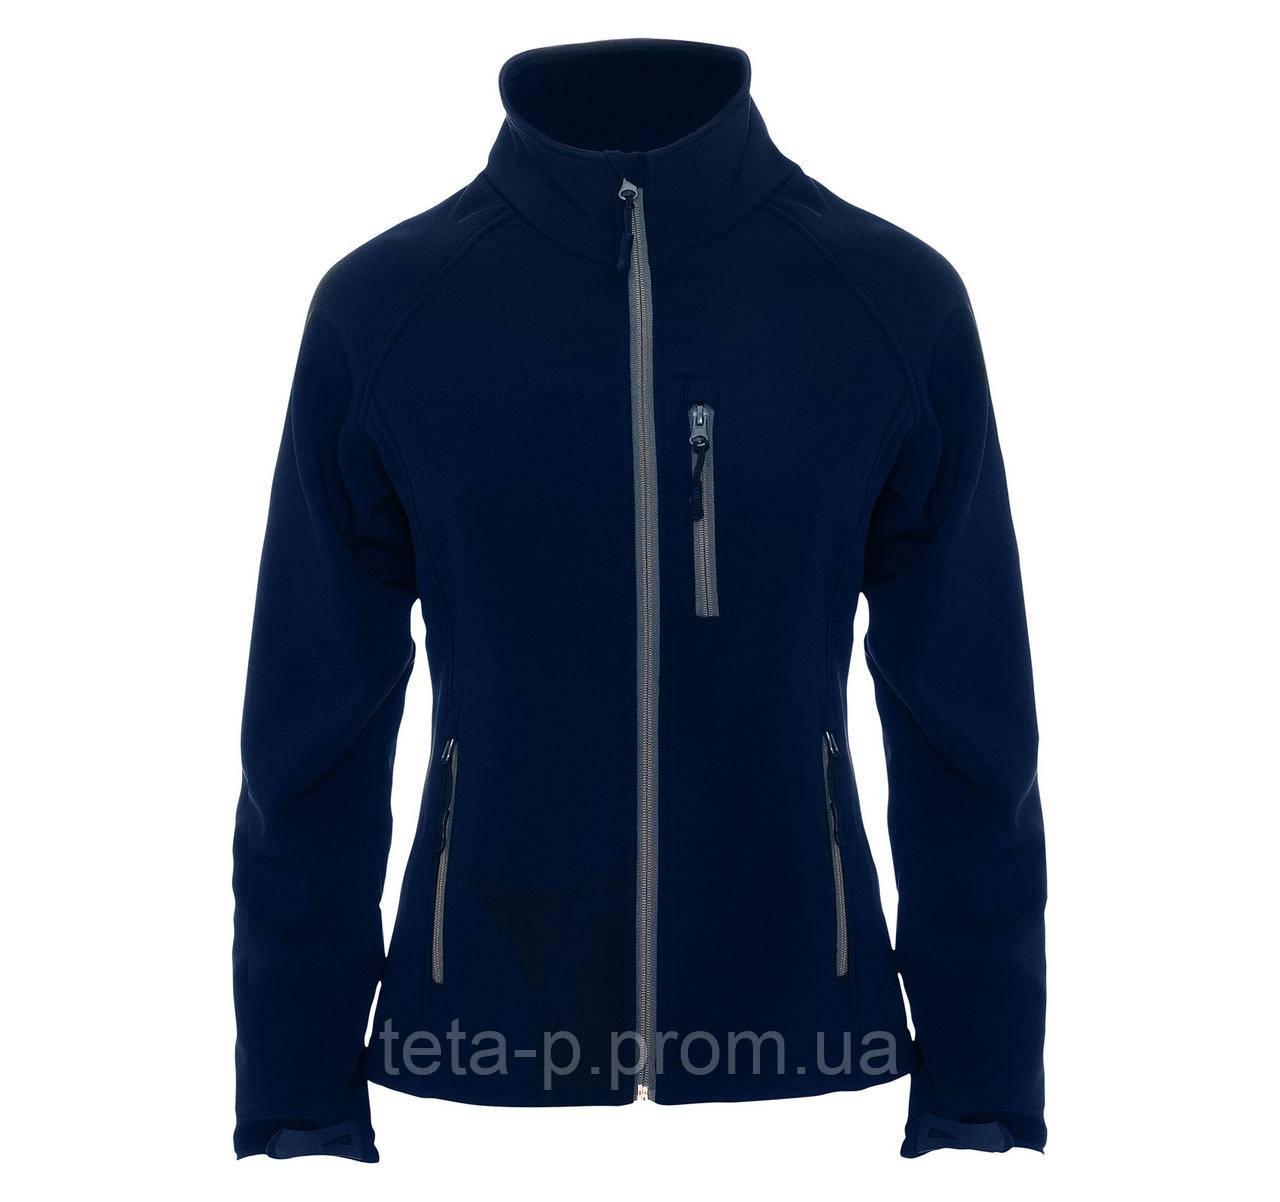 Женская куртка софтшелл Antartida